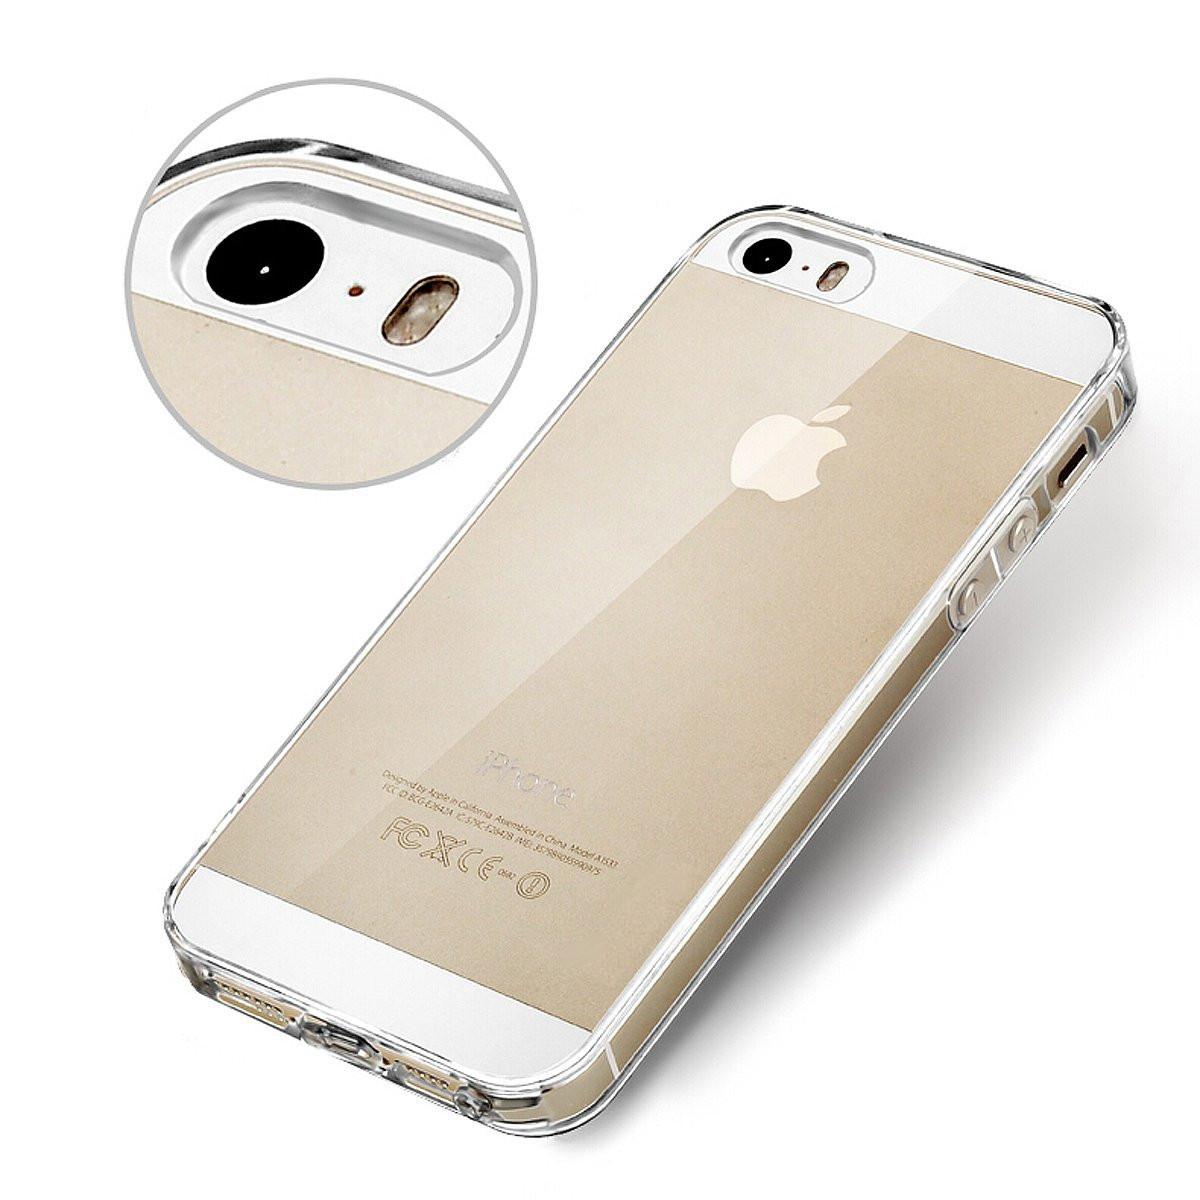 pruhledny ciry transparentni obal kryt pouzdro na apple iphone 5s 5 a iphone se ultra tenky slim silikonovy krystalovy cz d